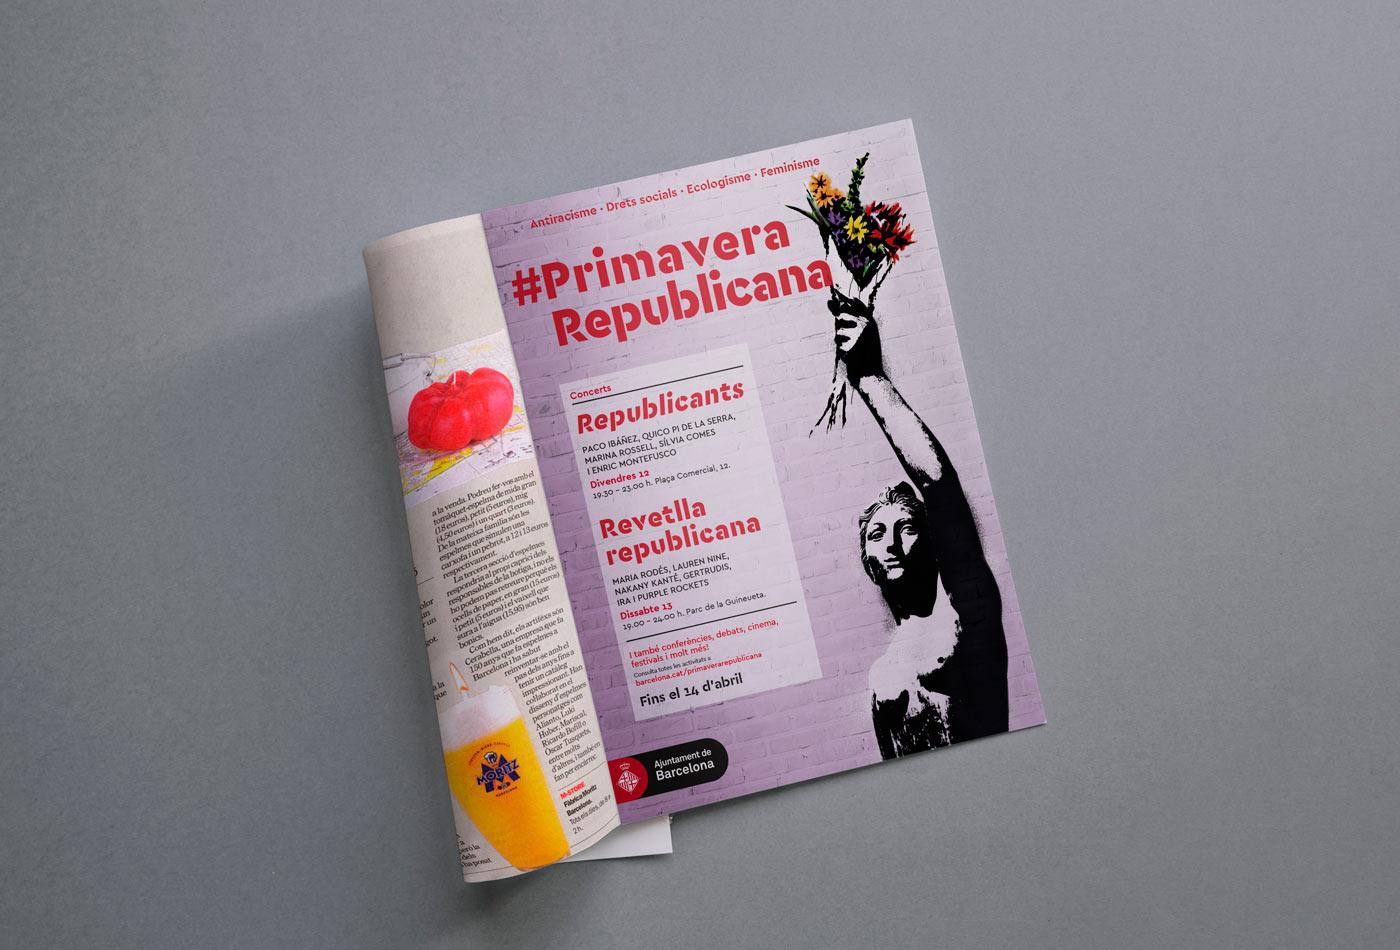 anuncio-primavera-republicana